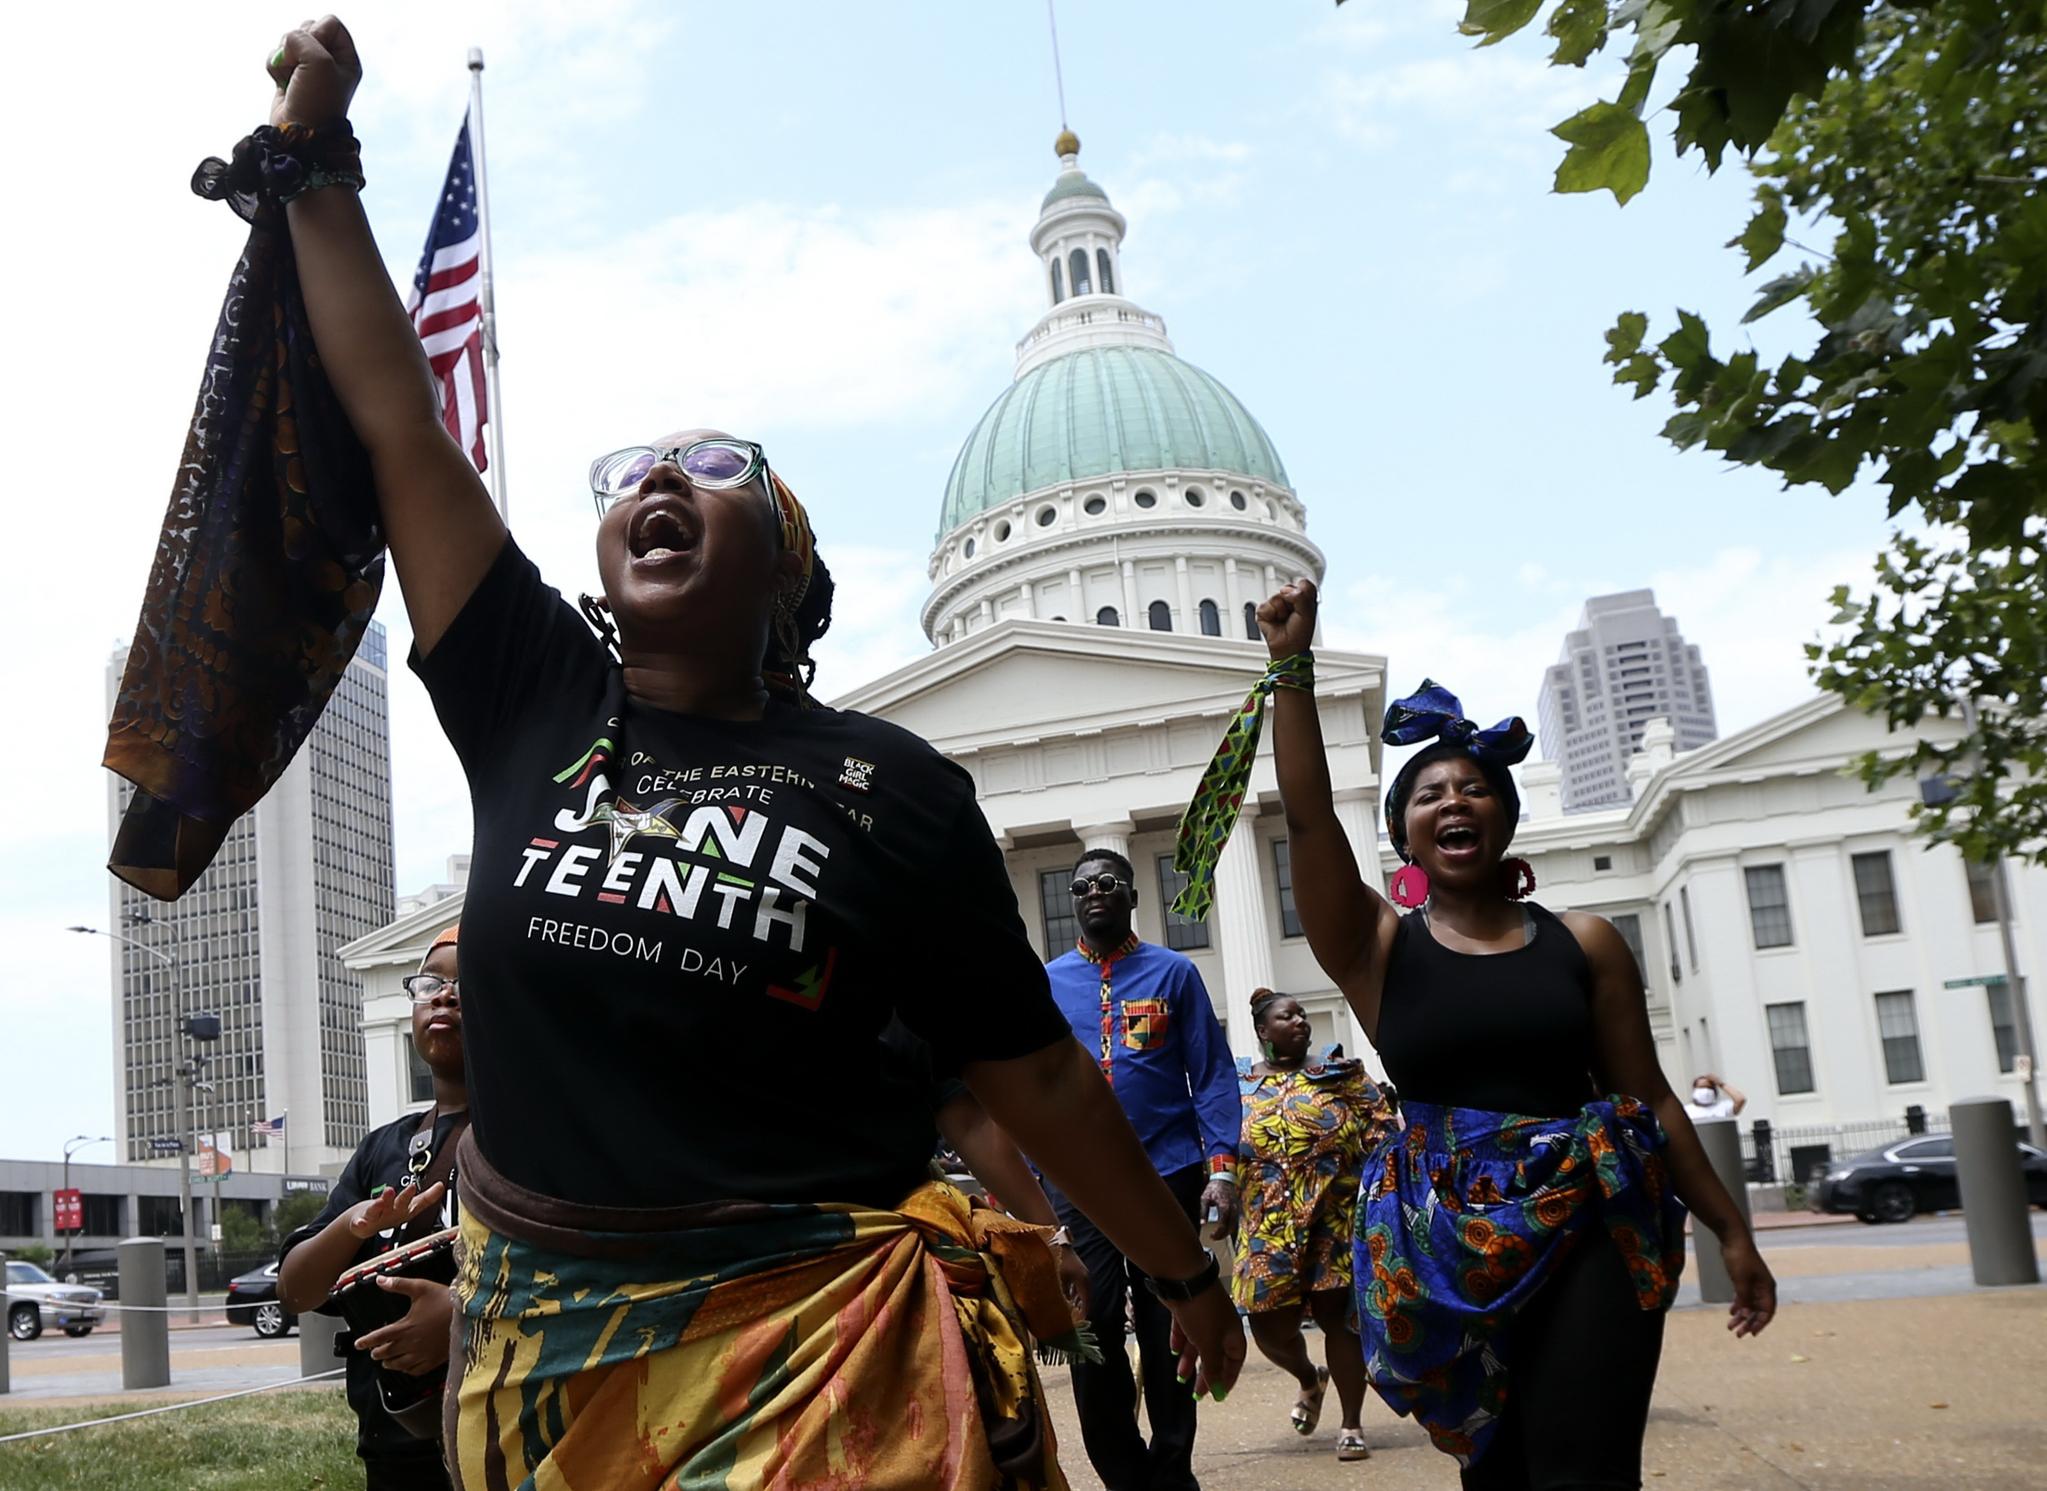 19일 미주리주 세인트 루이스에서 준틴스 행사에 참가한 흑인들. 법원 청사 앞에서 ″No justice, no peace,″(정의 없이는 평화도 없다)고 외치고 있다. AP=연합뉴스